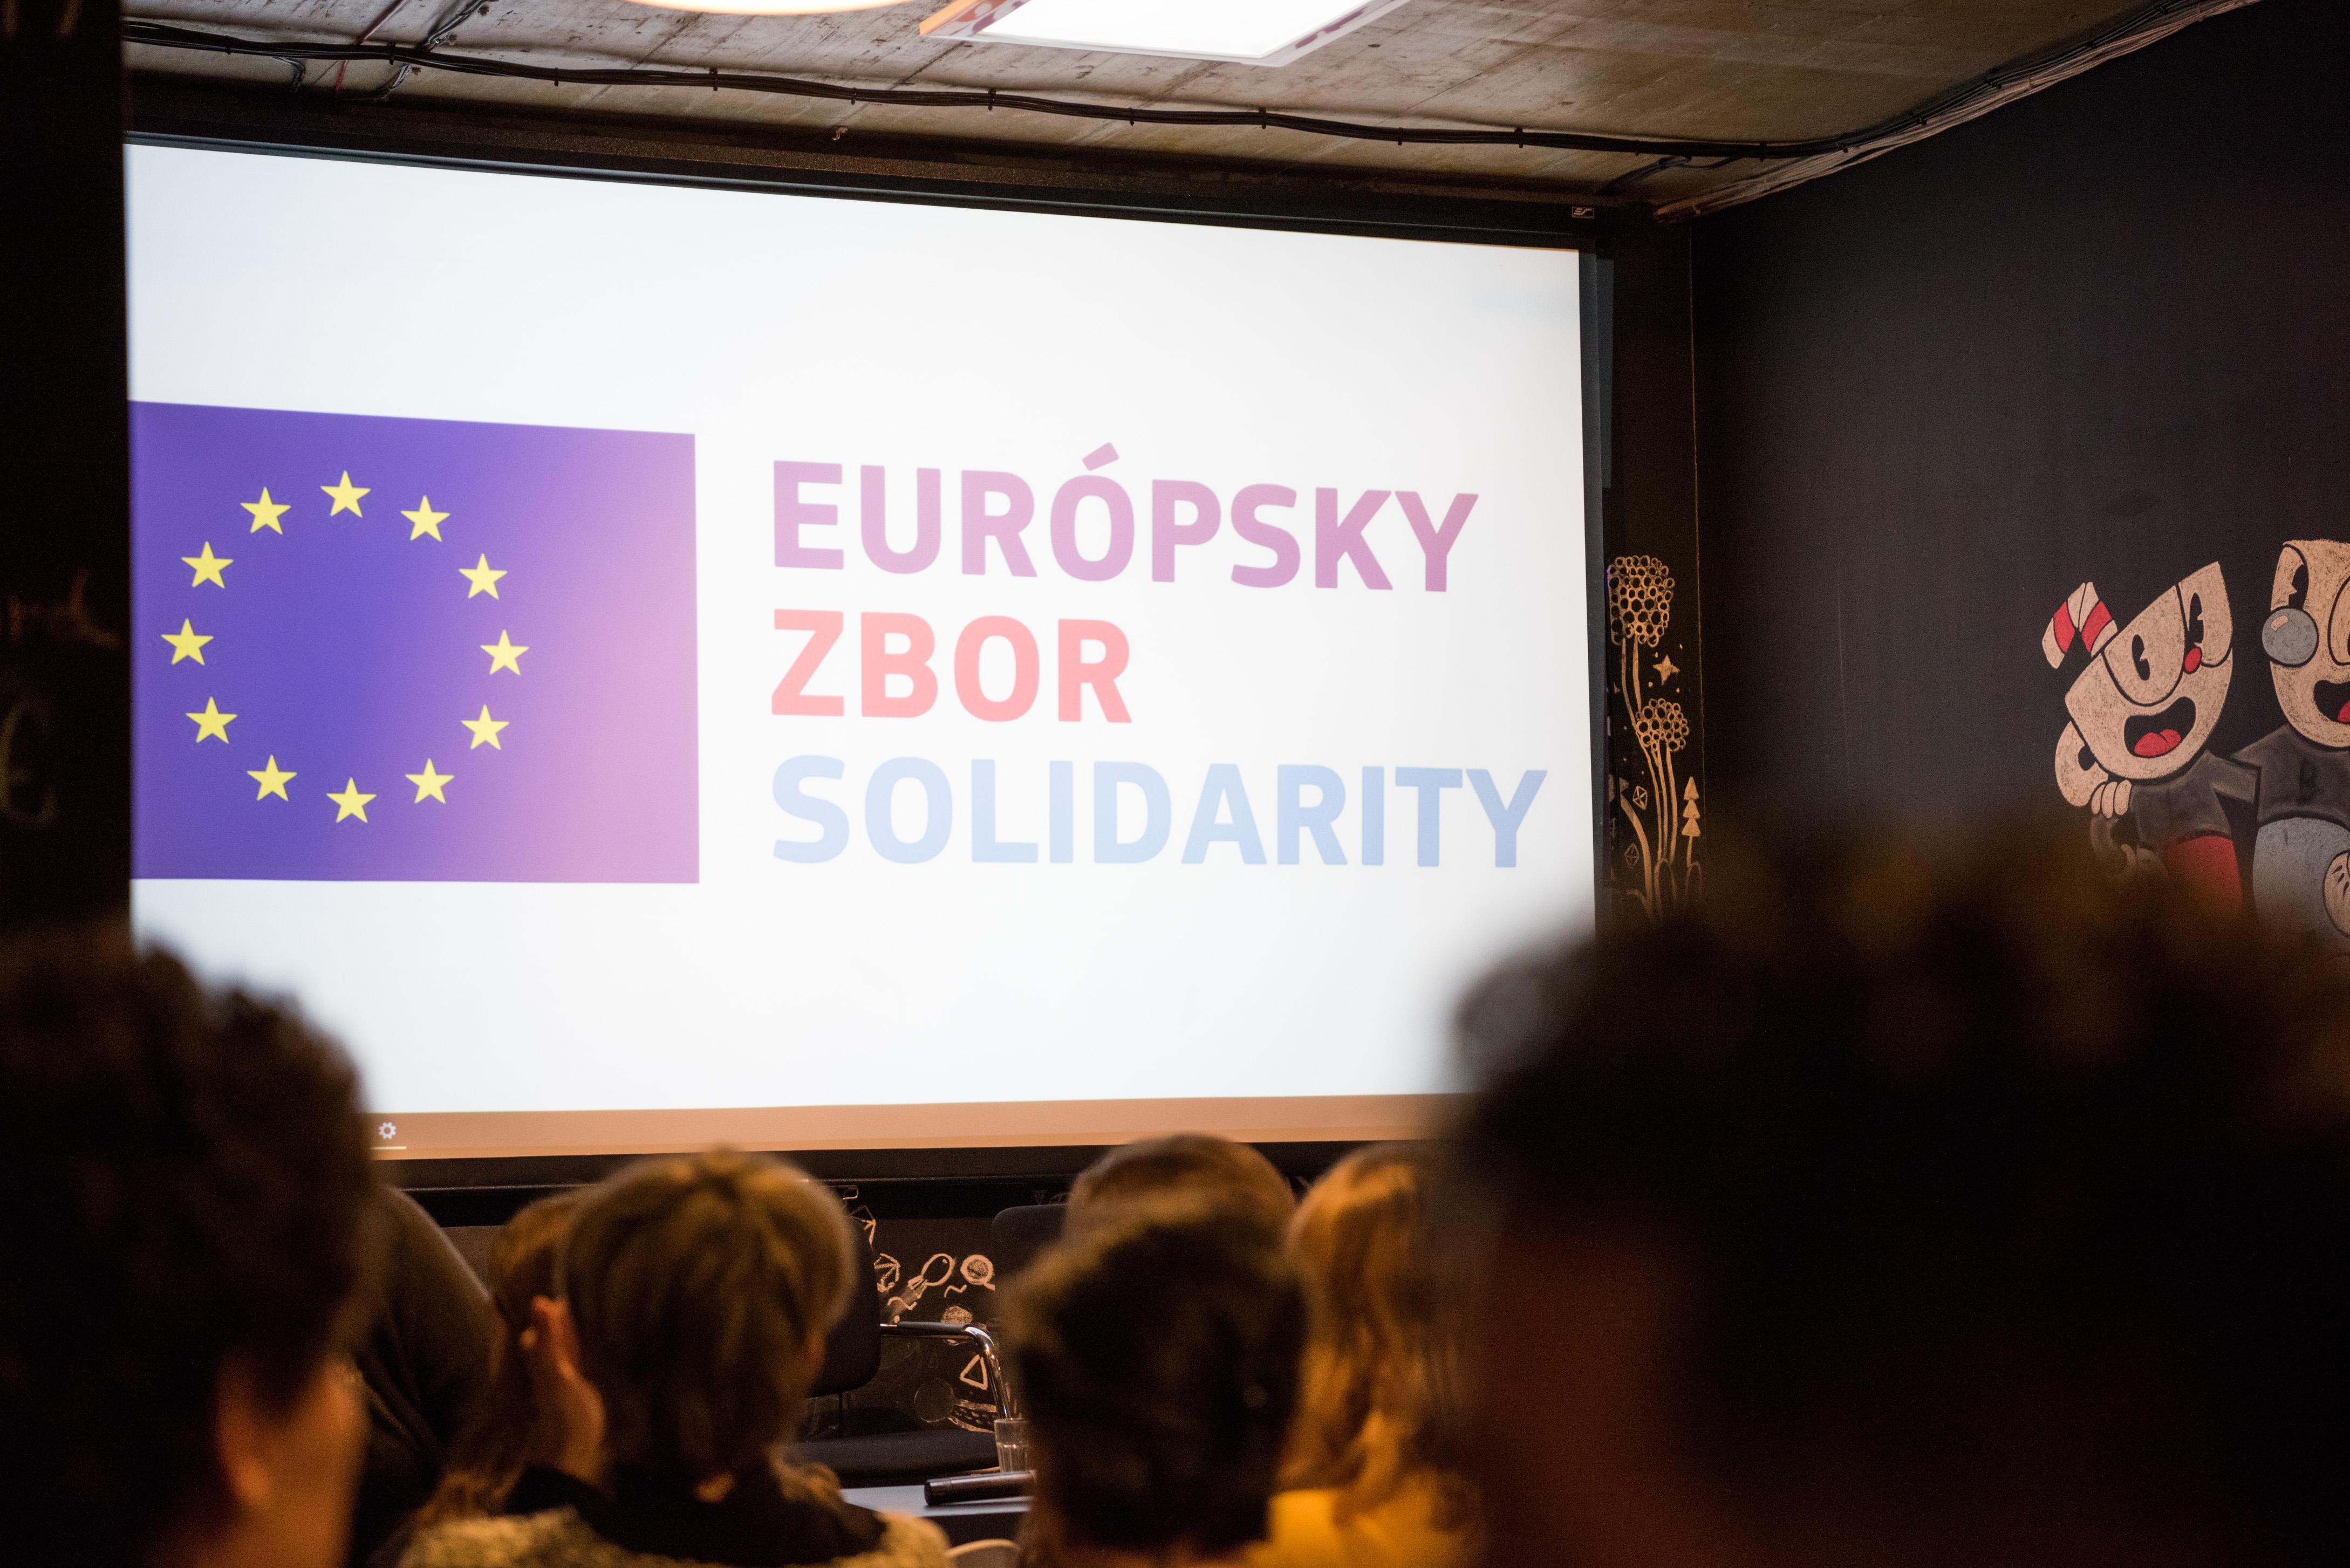 Oficiálne otvorenie nového programu EÚ Európsky zbor solidarity  v Slovenskej republike